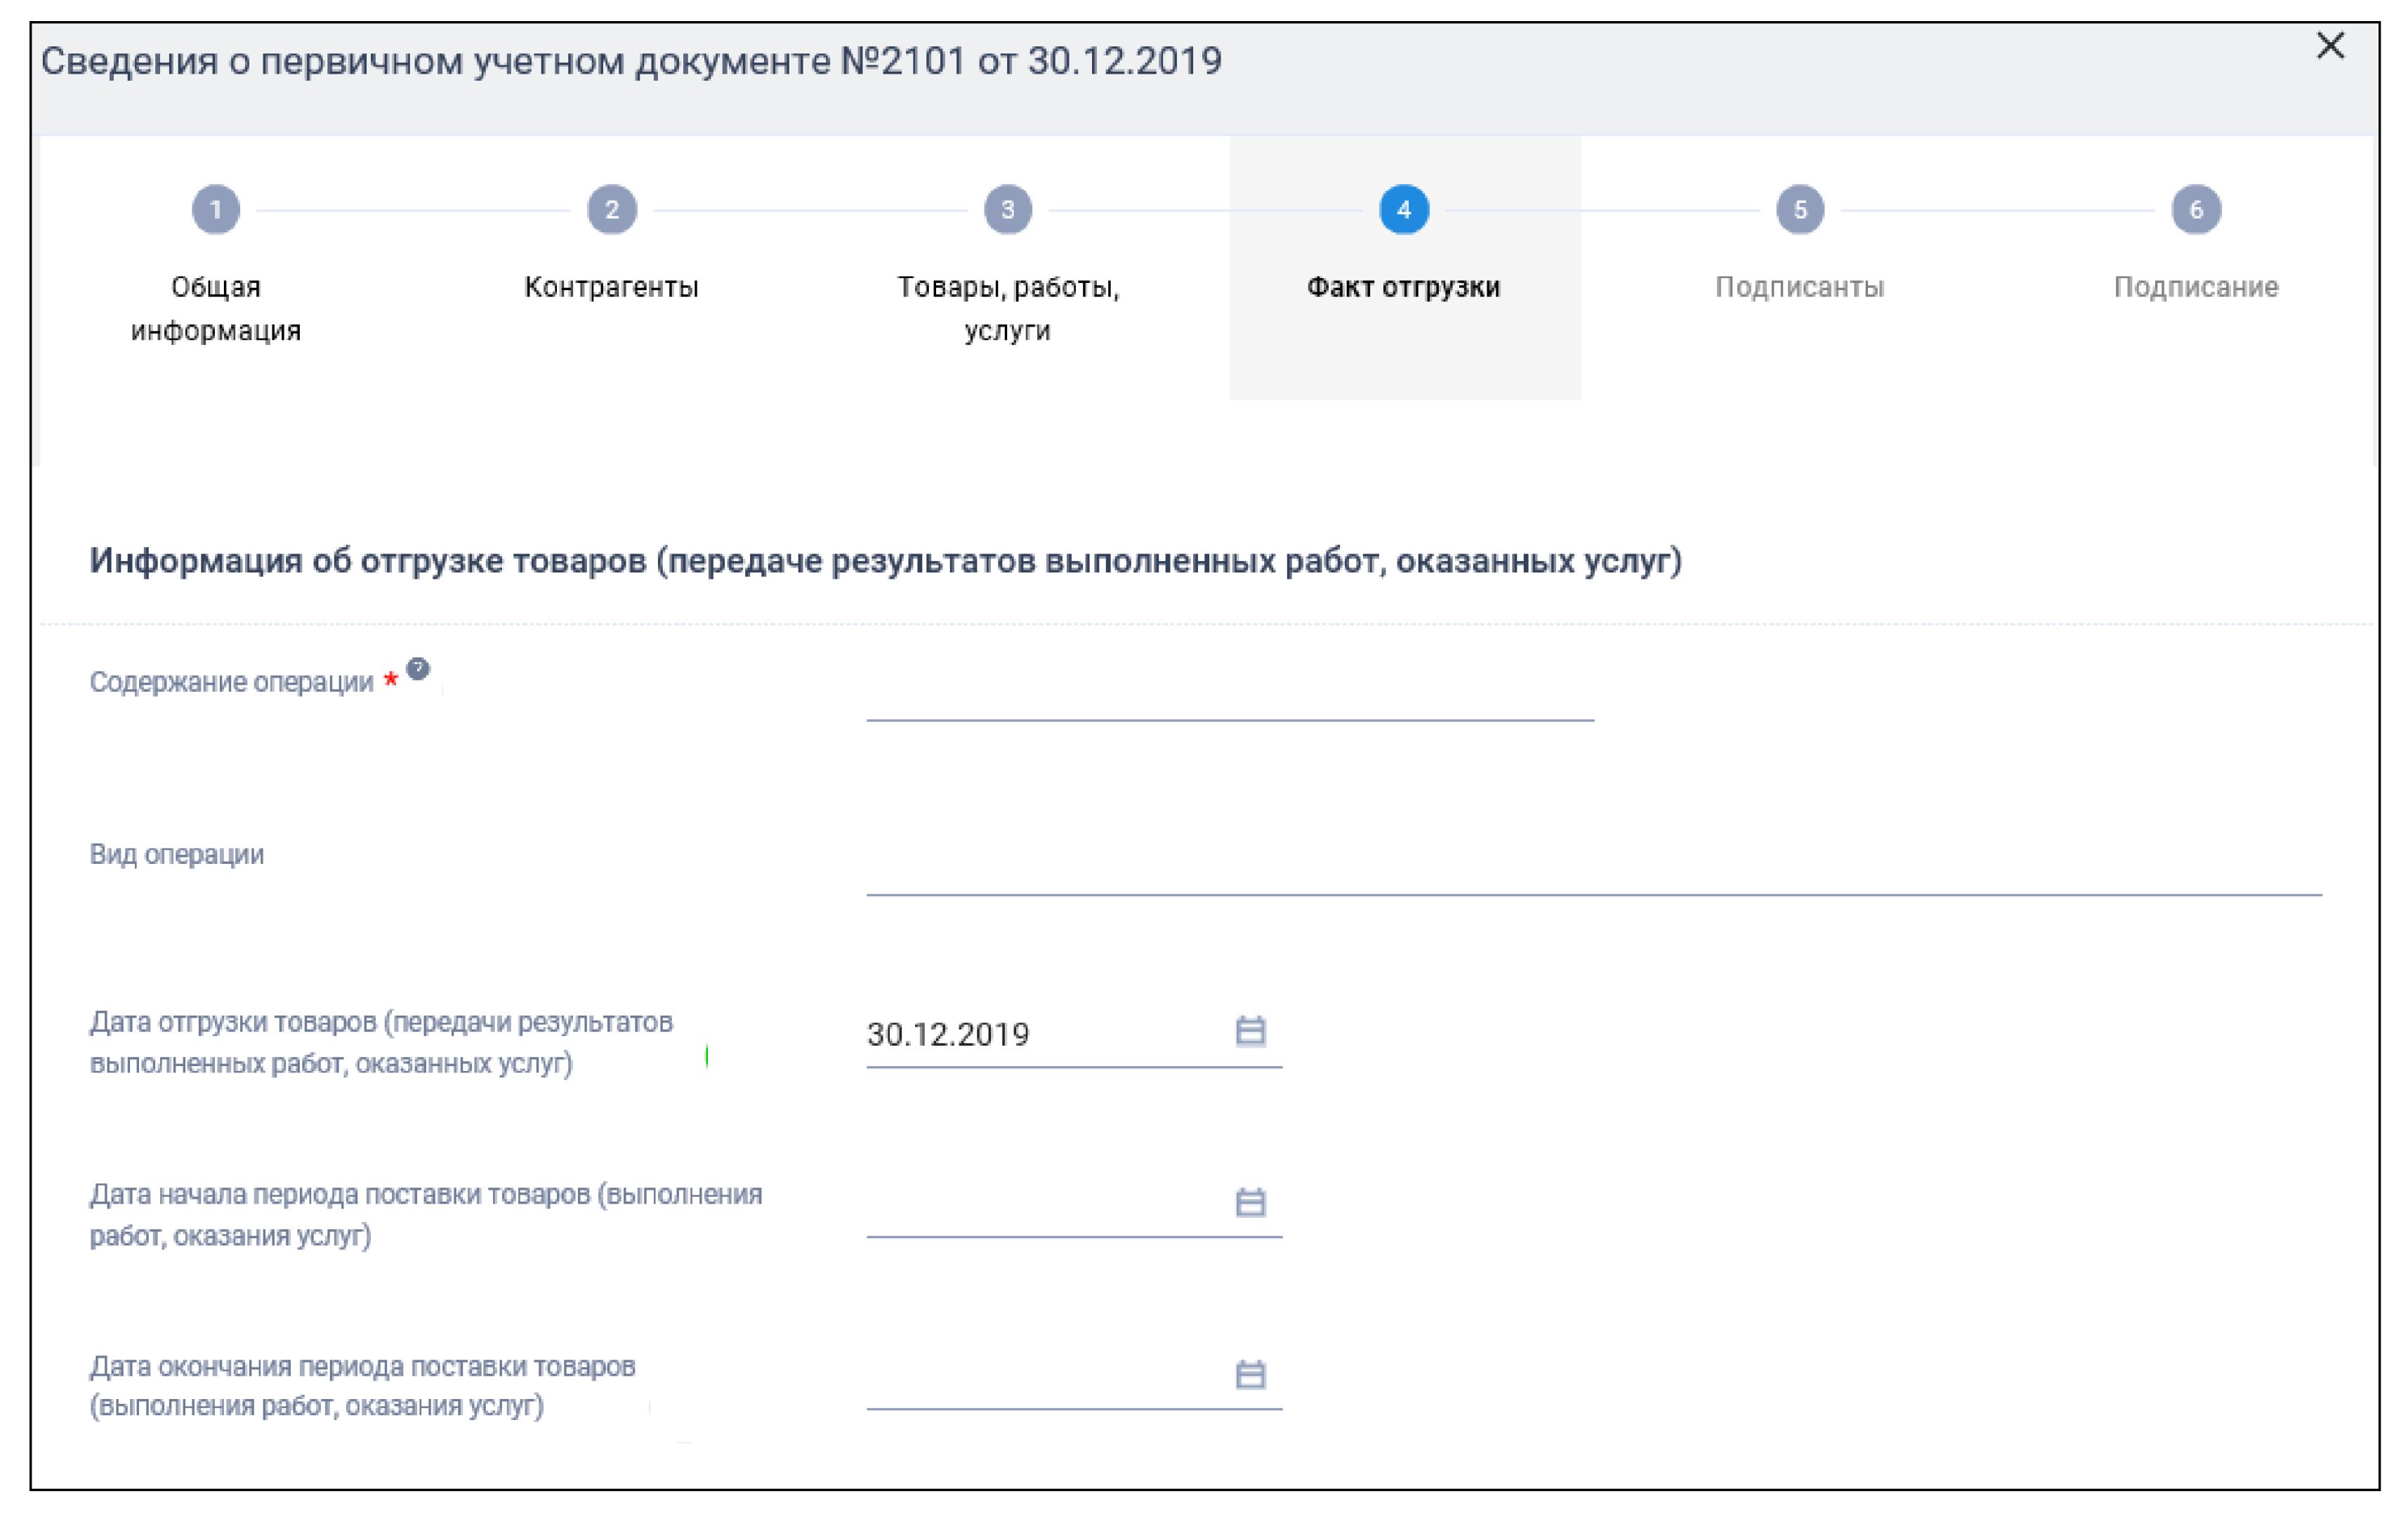 Электронный запрос котировок: правила иэтапы проведения — СКБ Контур